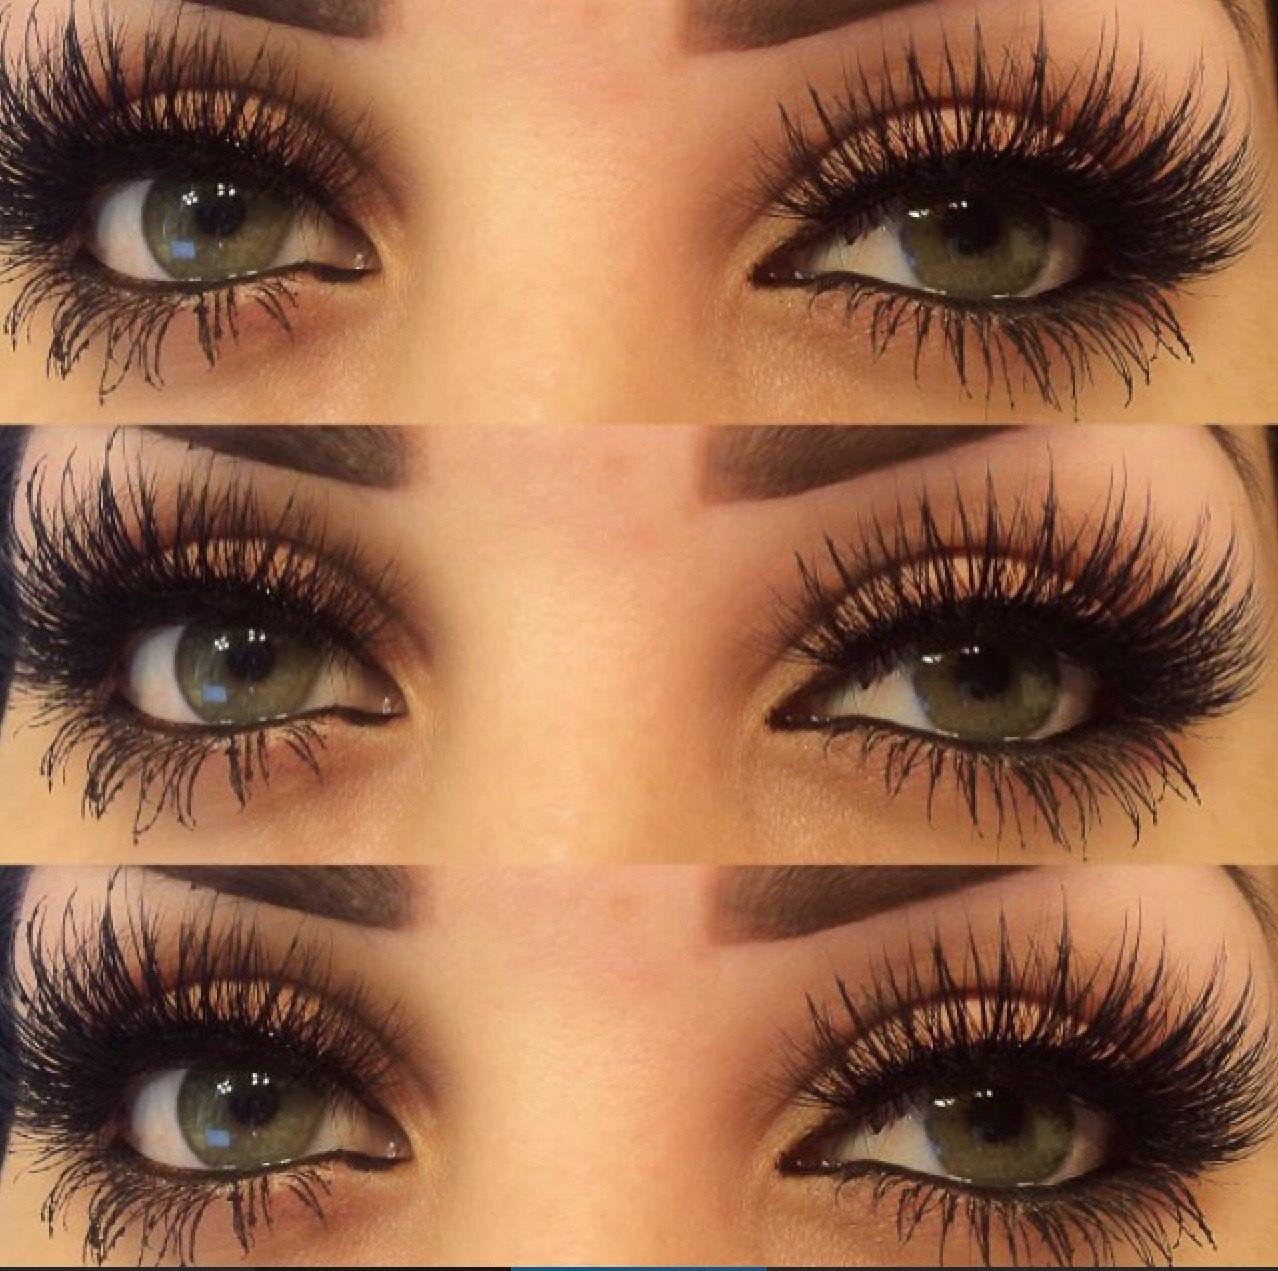 Amazing makeup Beauty makeup 2 (eye makeup, face makeup